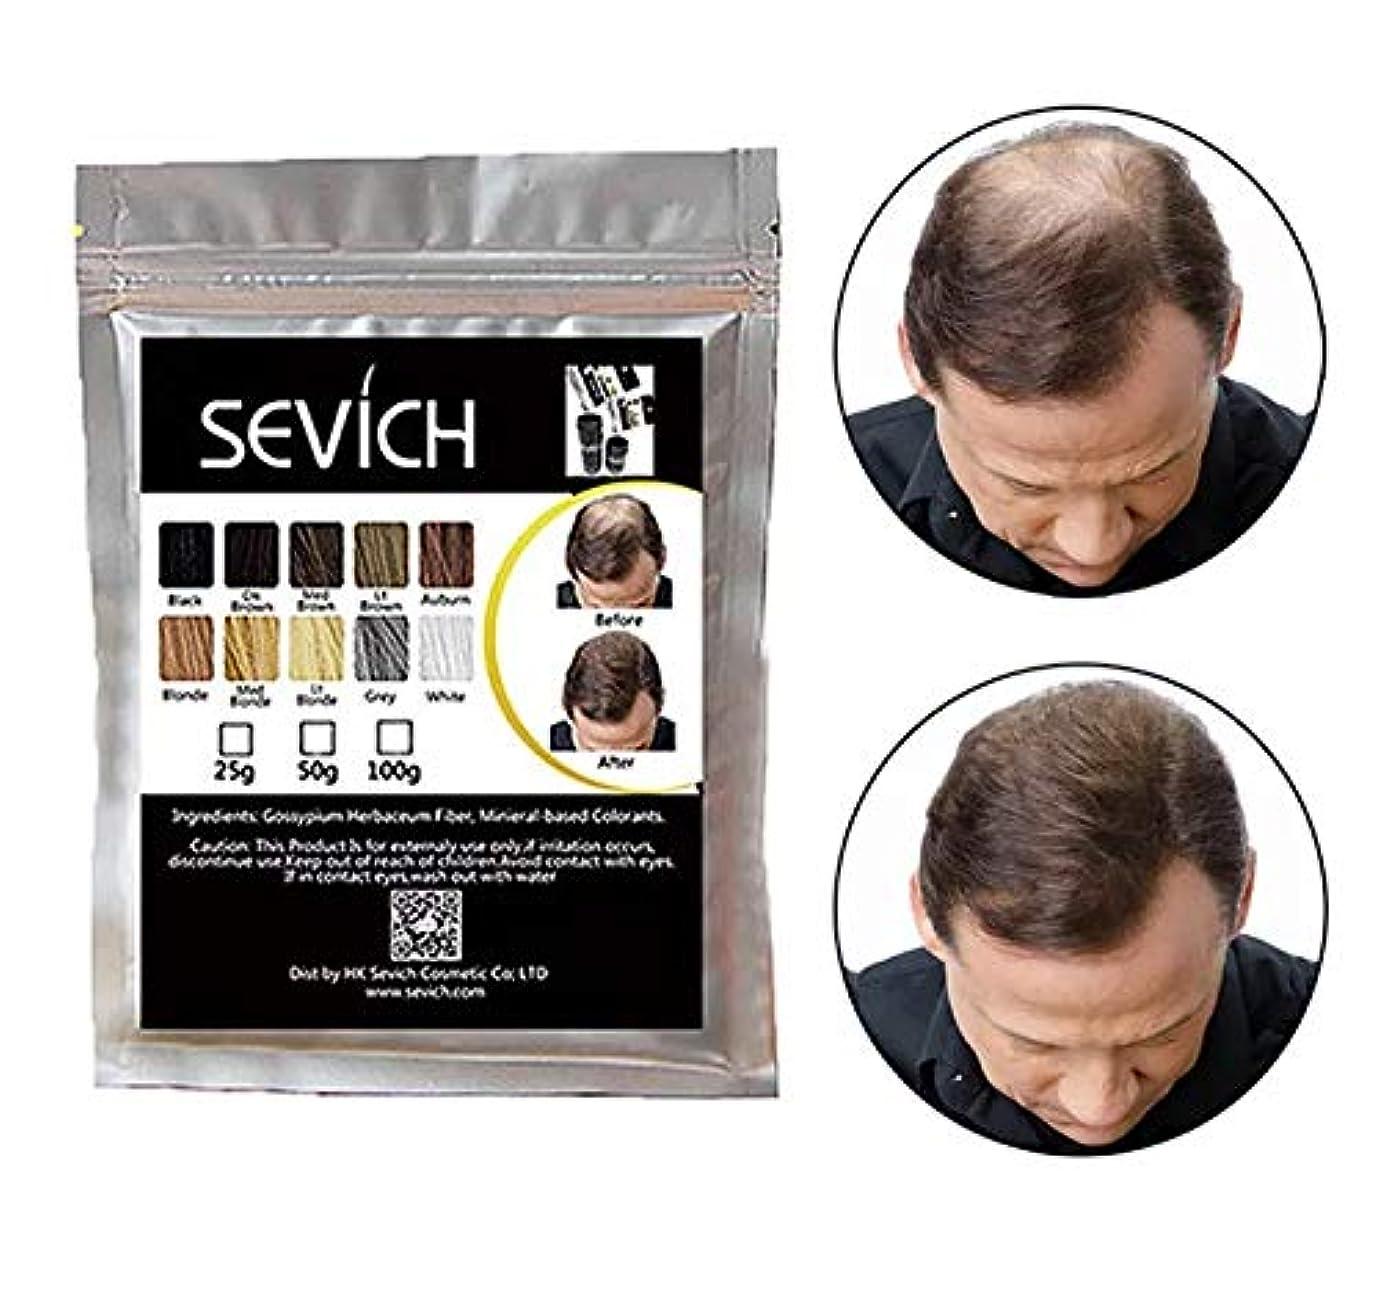 一般記念品フロンティアヘアビルディング 増毛パウダー ブラック Black 100g 詰め替えパック/薄毛対策 白髪 ハゲ隠し Hair Fibers